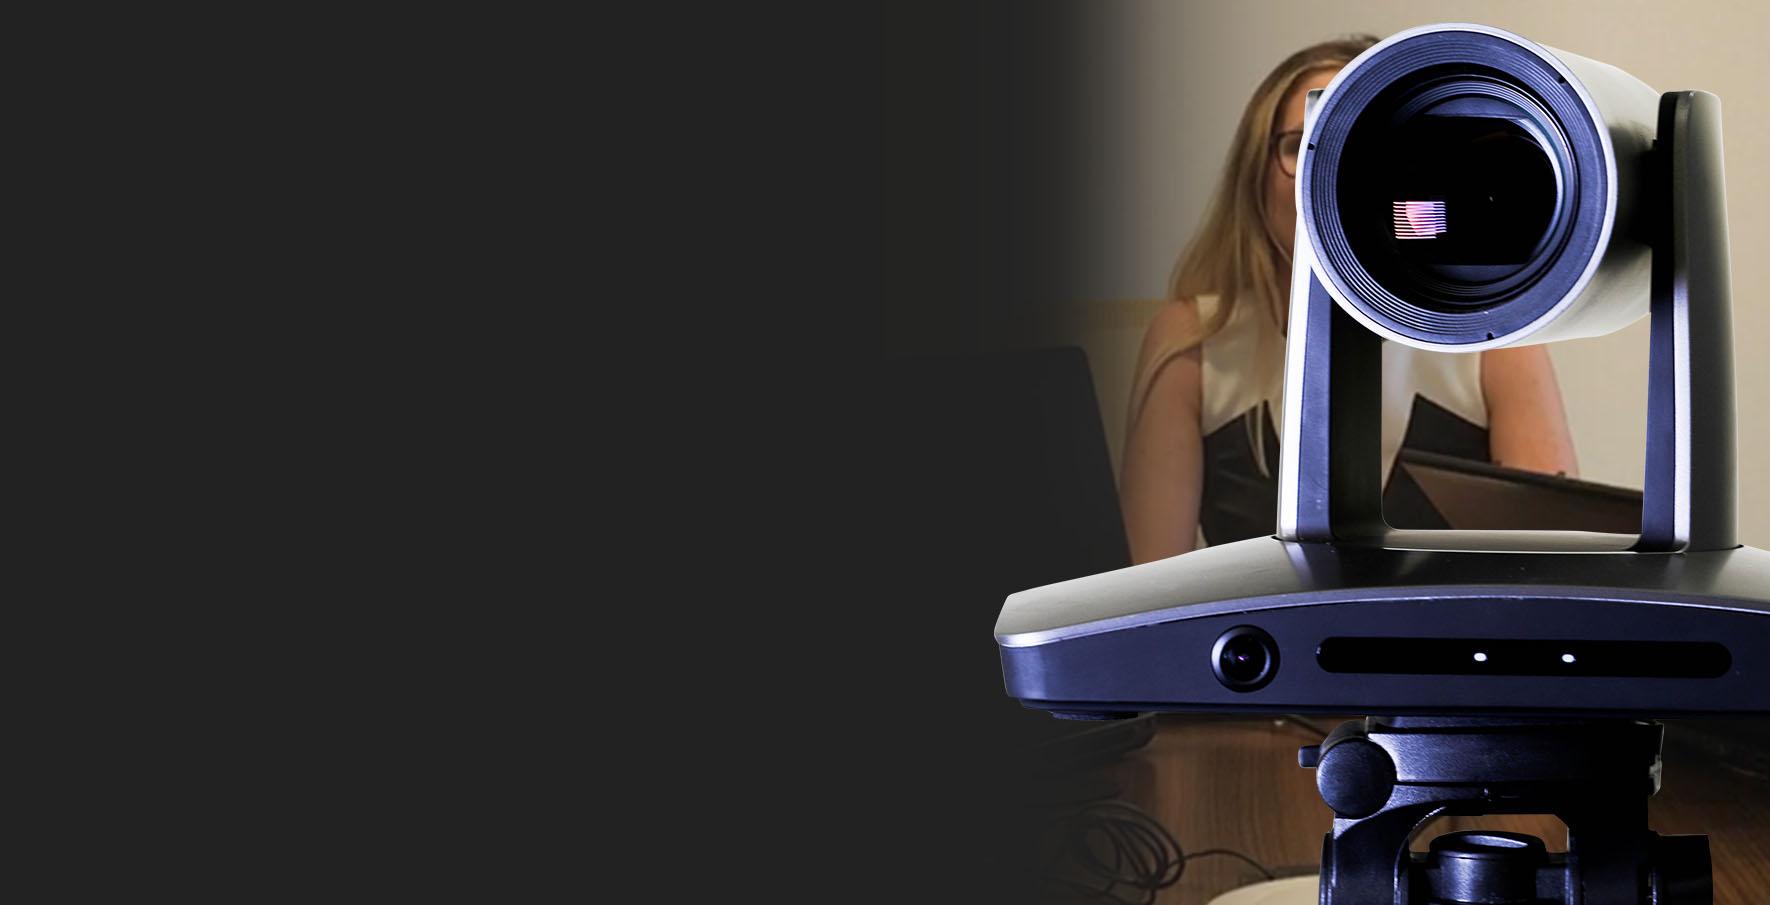 Conference Room Cameras 1